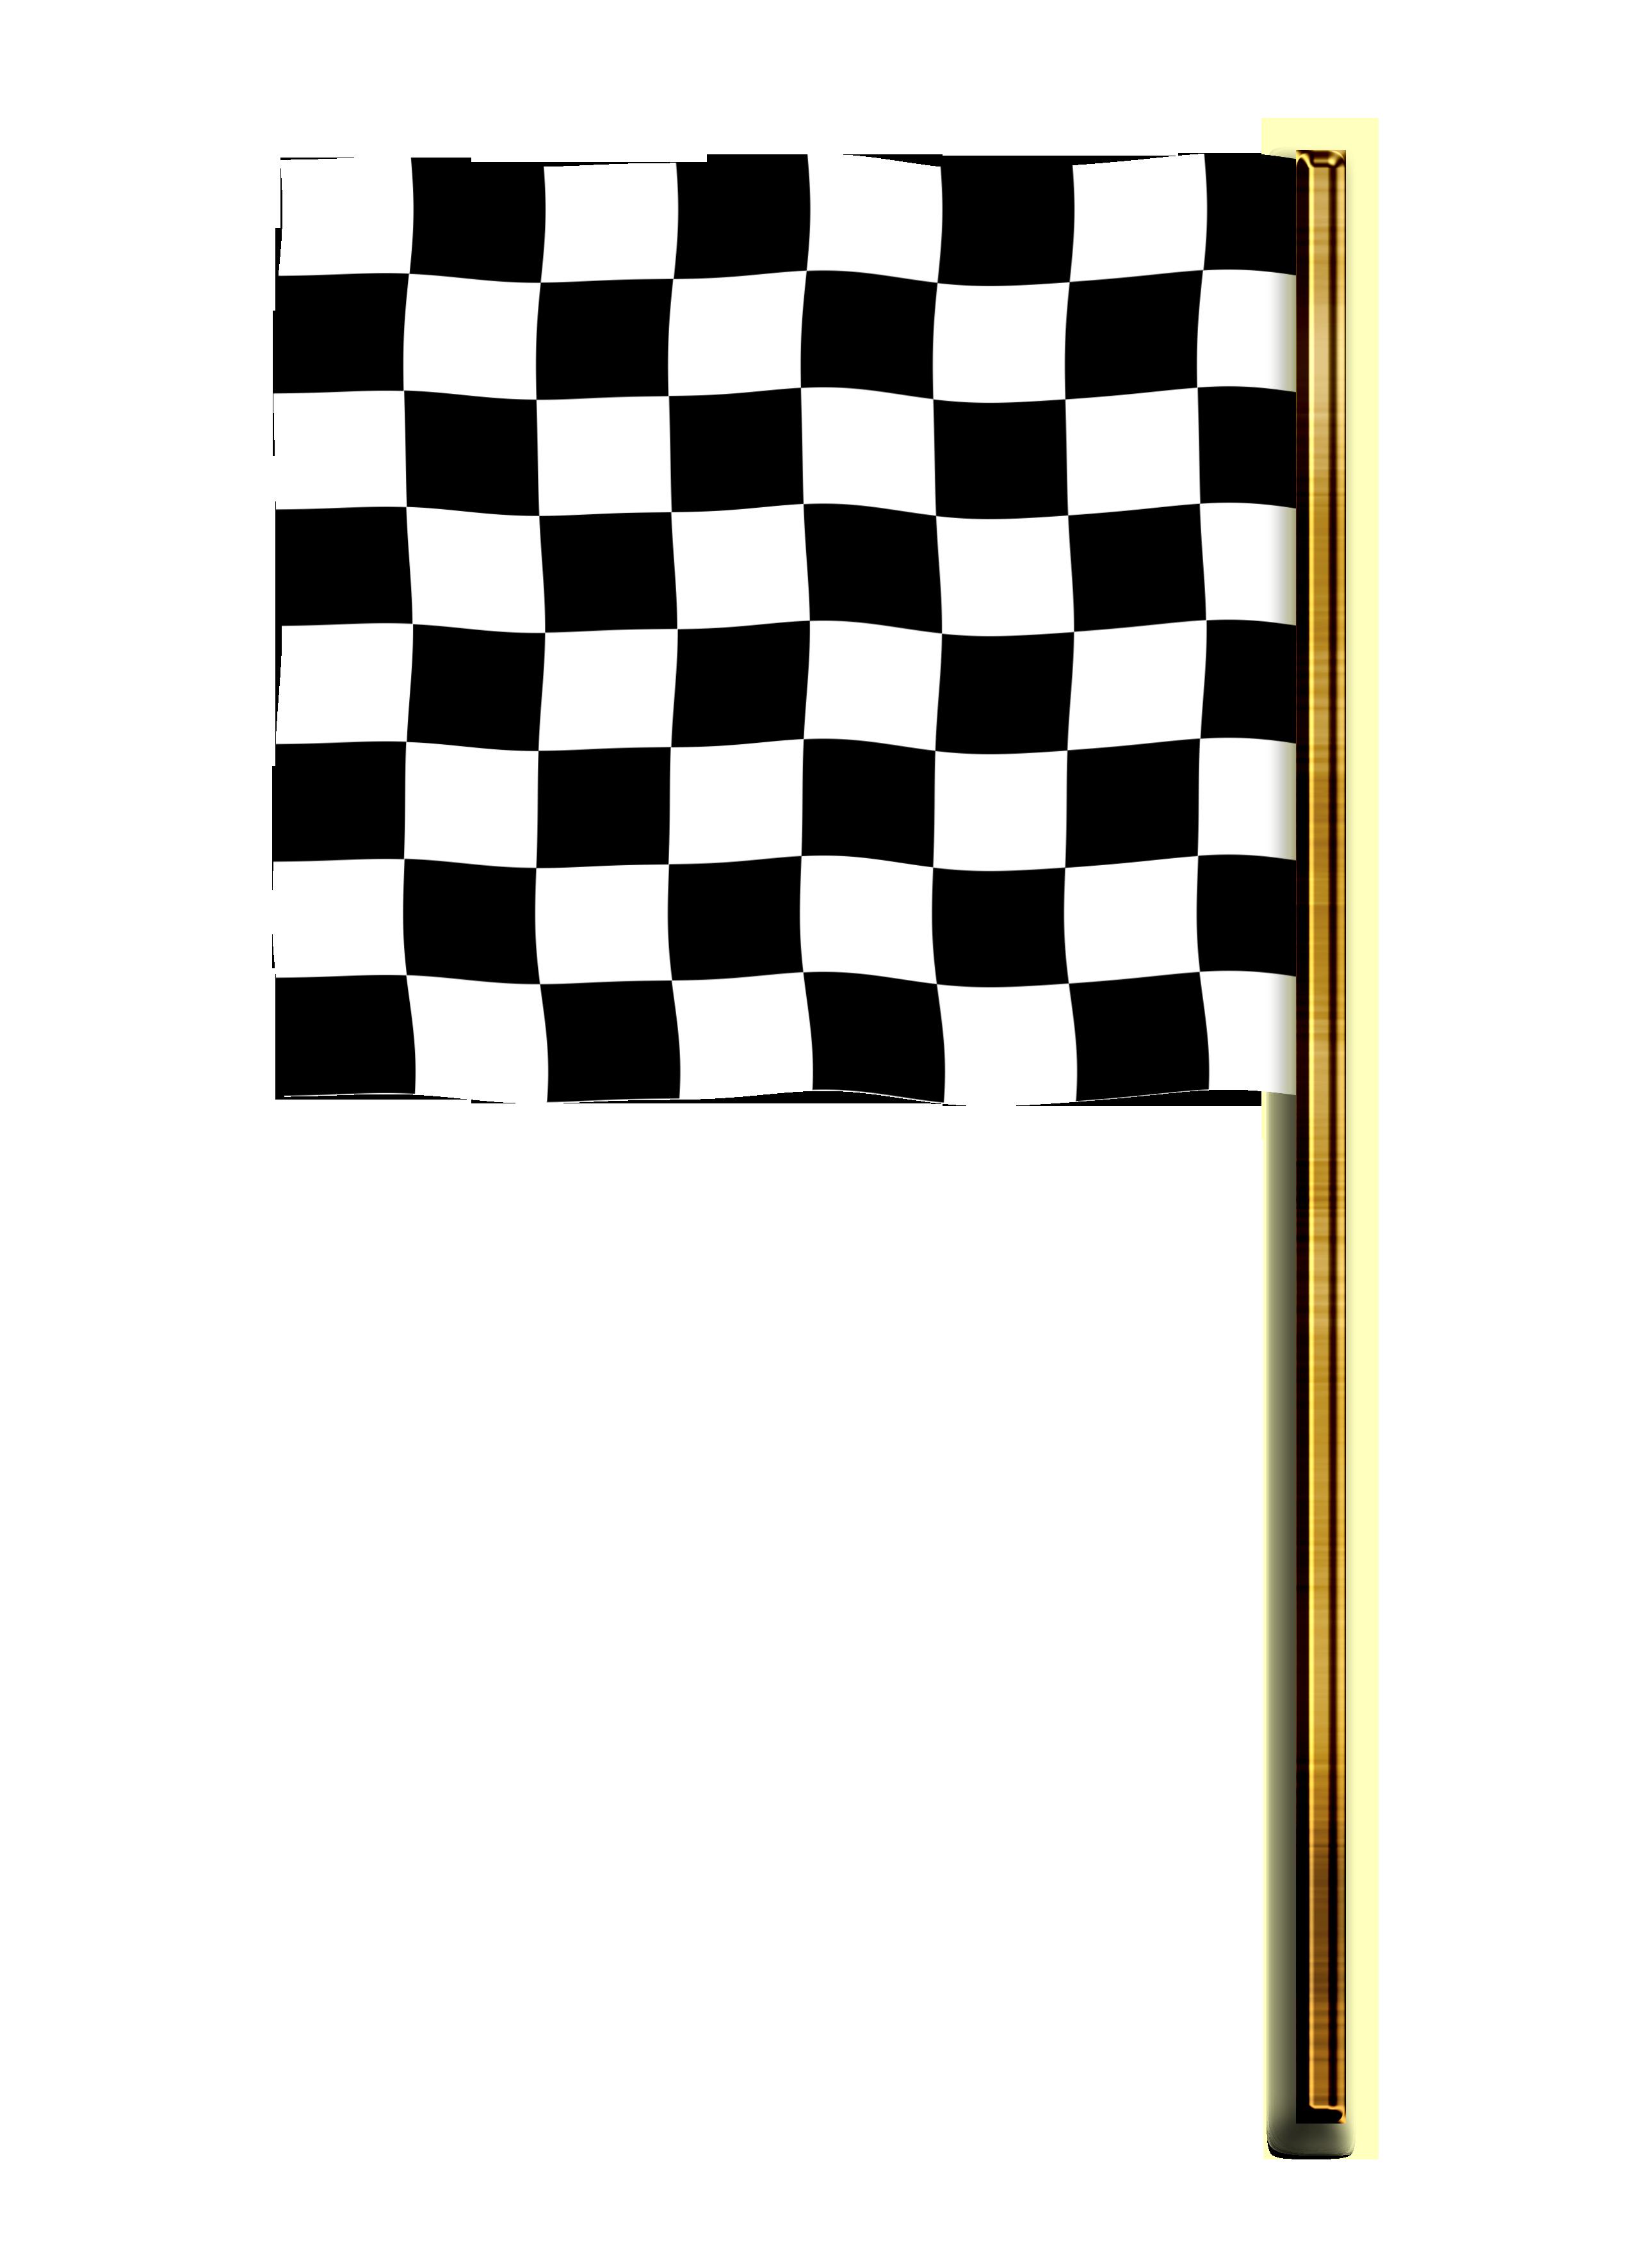 2580x3540 Start Flag Vector Png Transparent Image